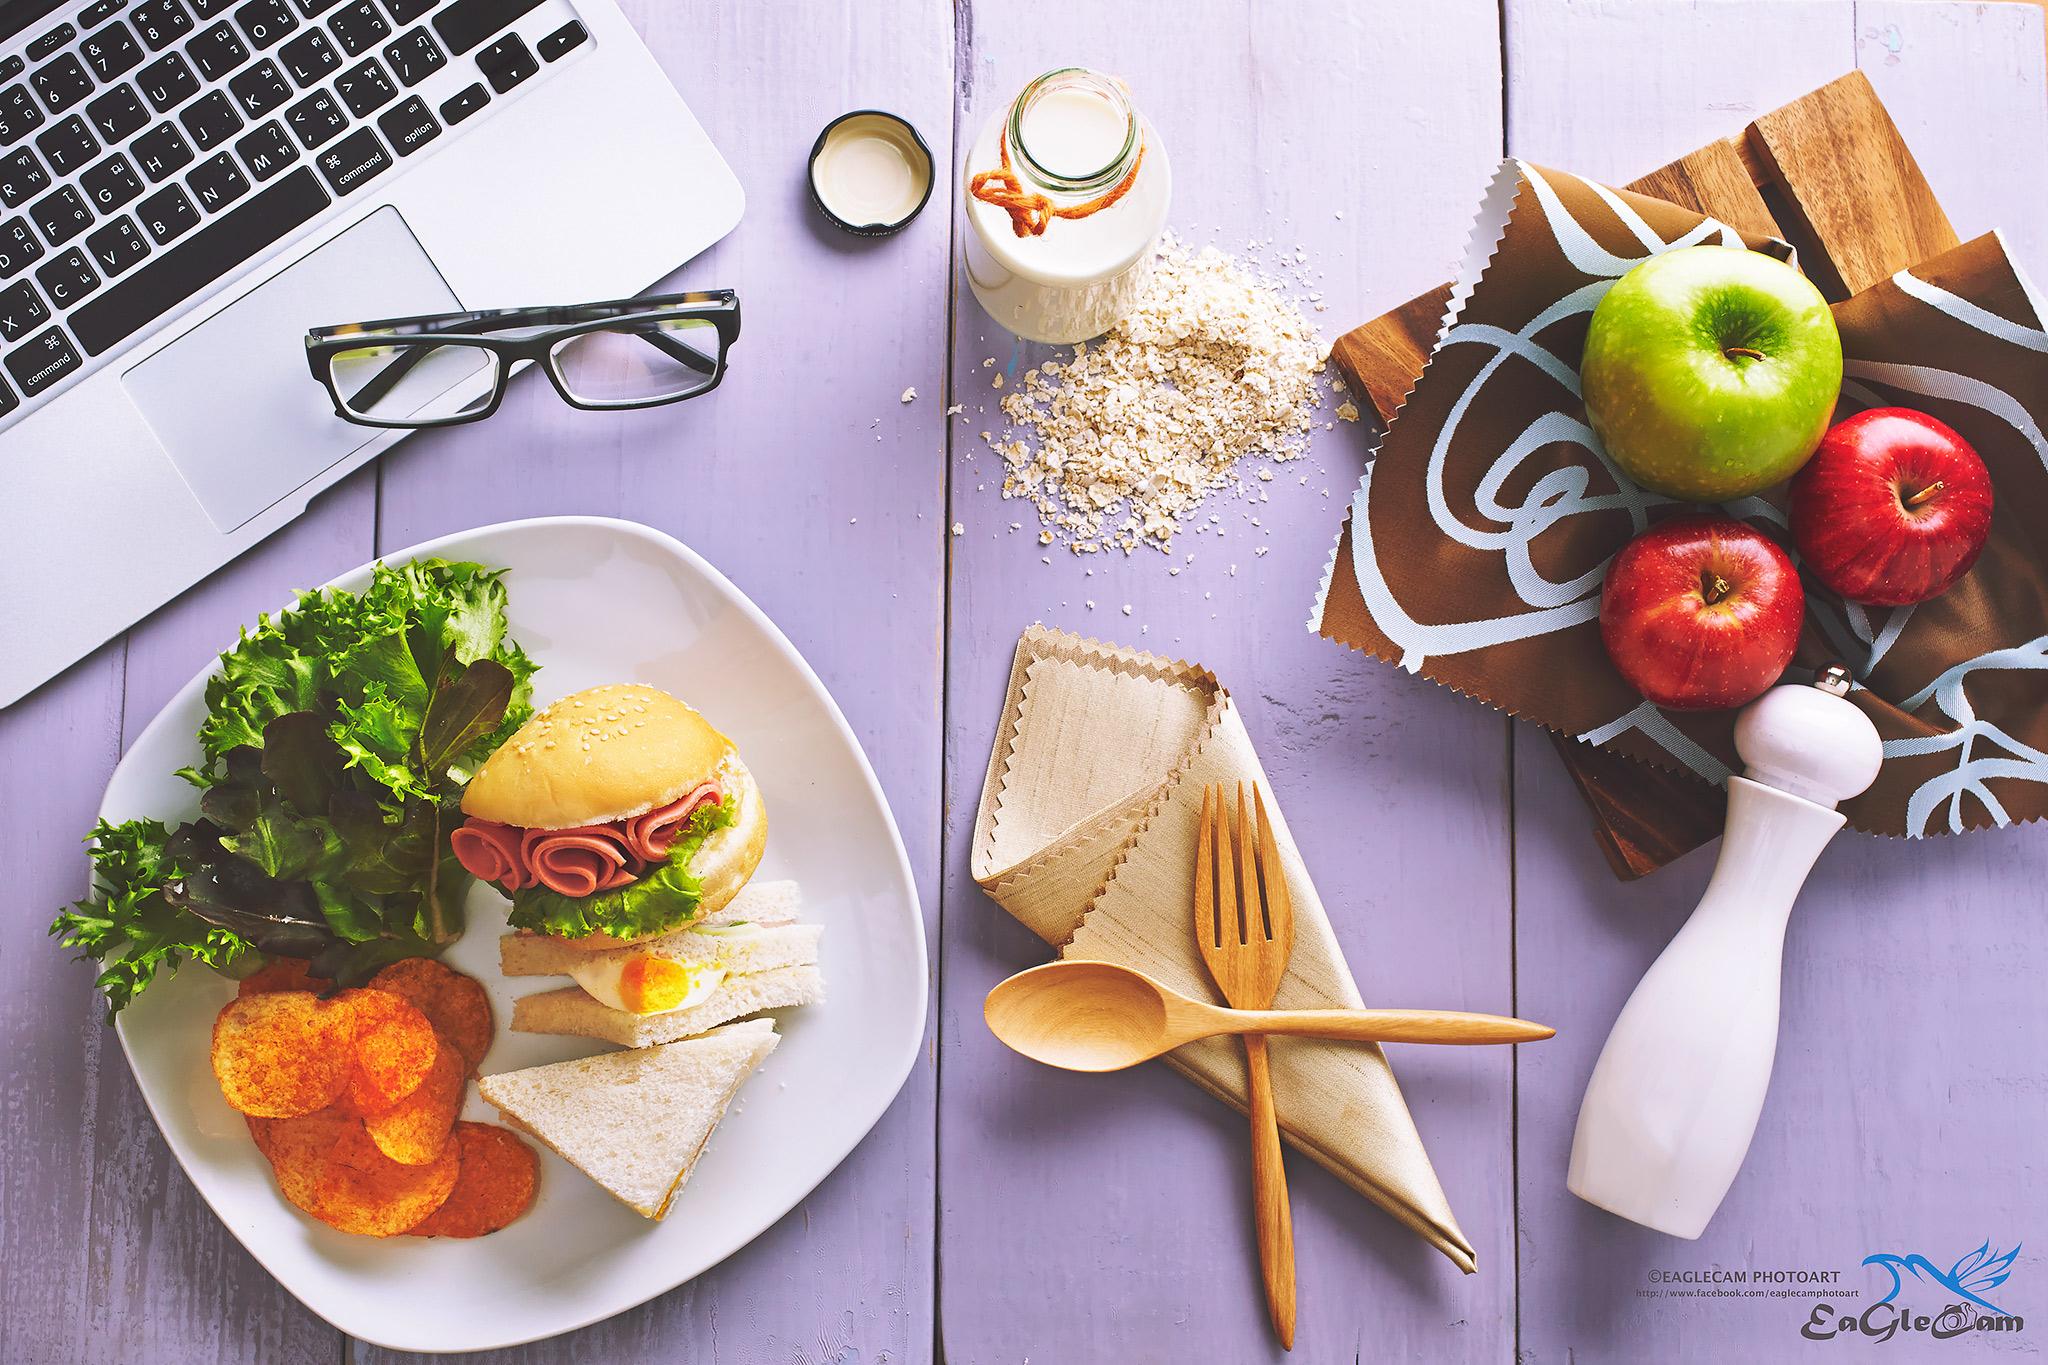 รับถ่ายภาพอาหาร, ถ่ายภาพสินค้า, โฆษณา, Still Life